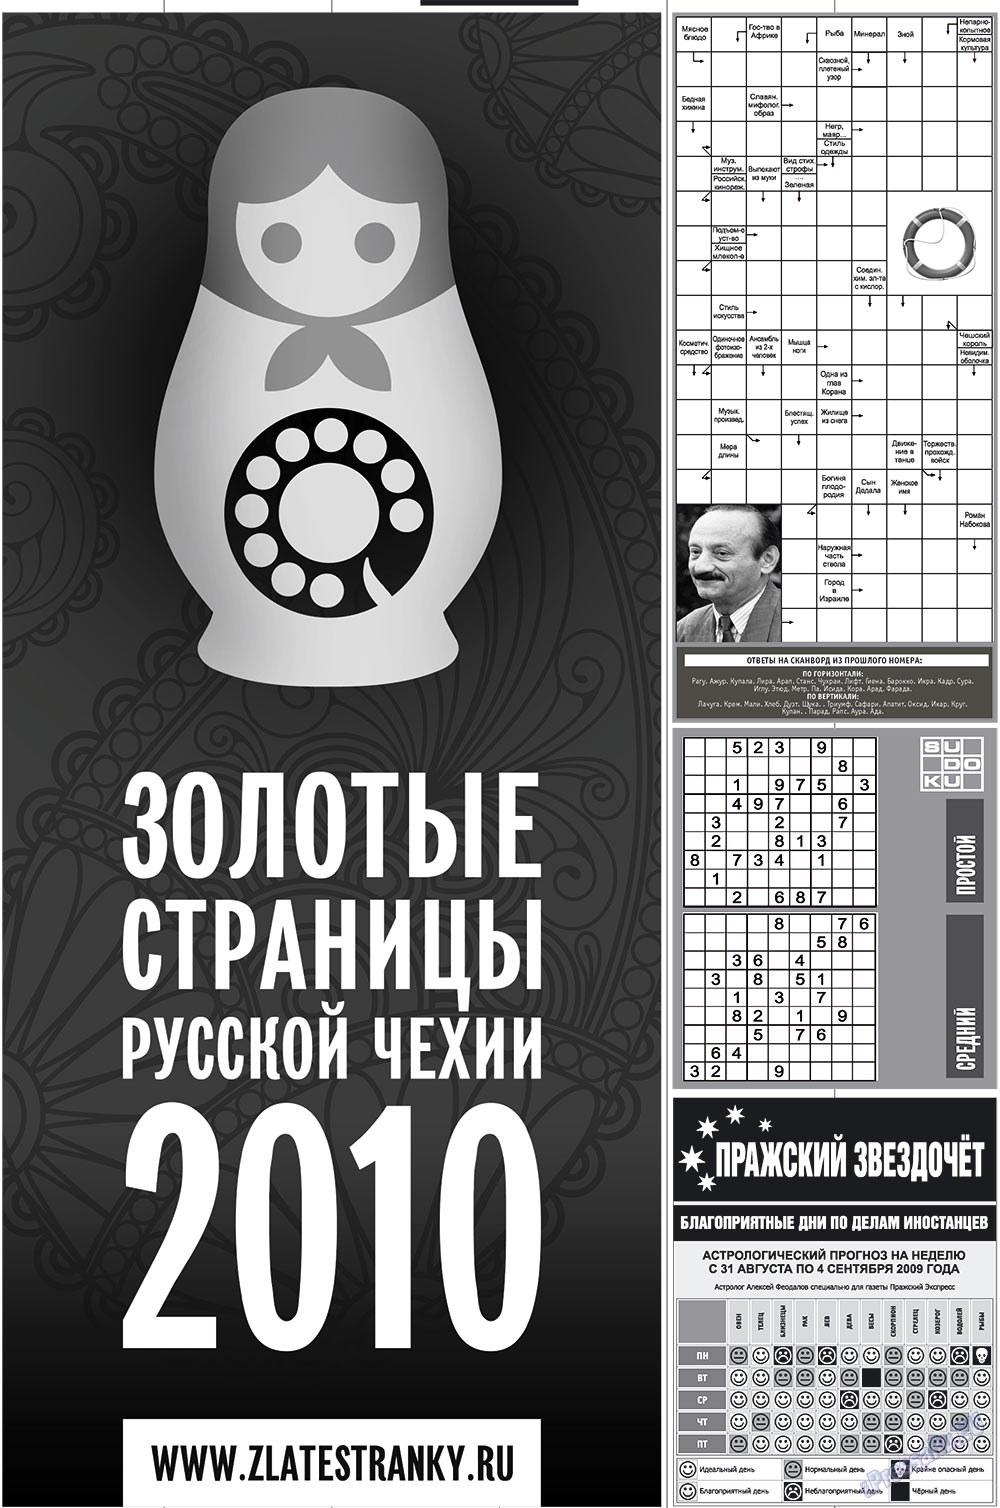 Пражский экспресс (газета). 2009 год, номер 34, стр. 11